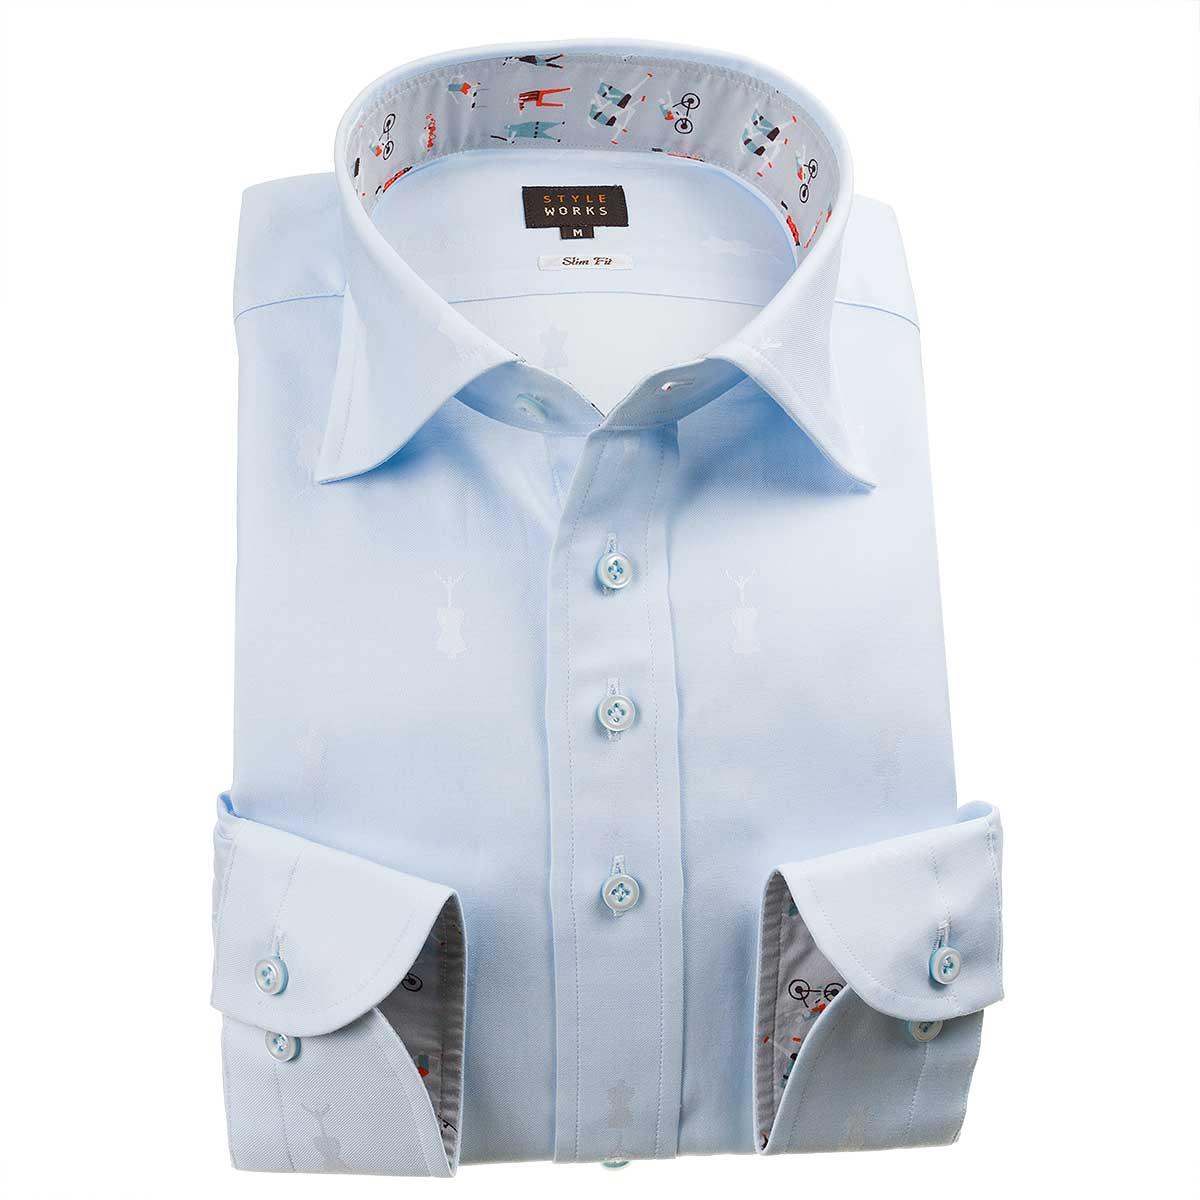 ドレスシャツ ワイシャツ シャツ メンズ 国産 長袖 綿100% スリムフィット ワイドカラー スカイブルー ジャガード織柄 トルソー型ドット 1912【Sサイズ・裄丈81cm】